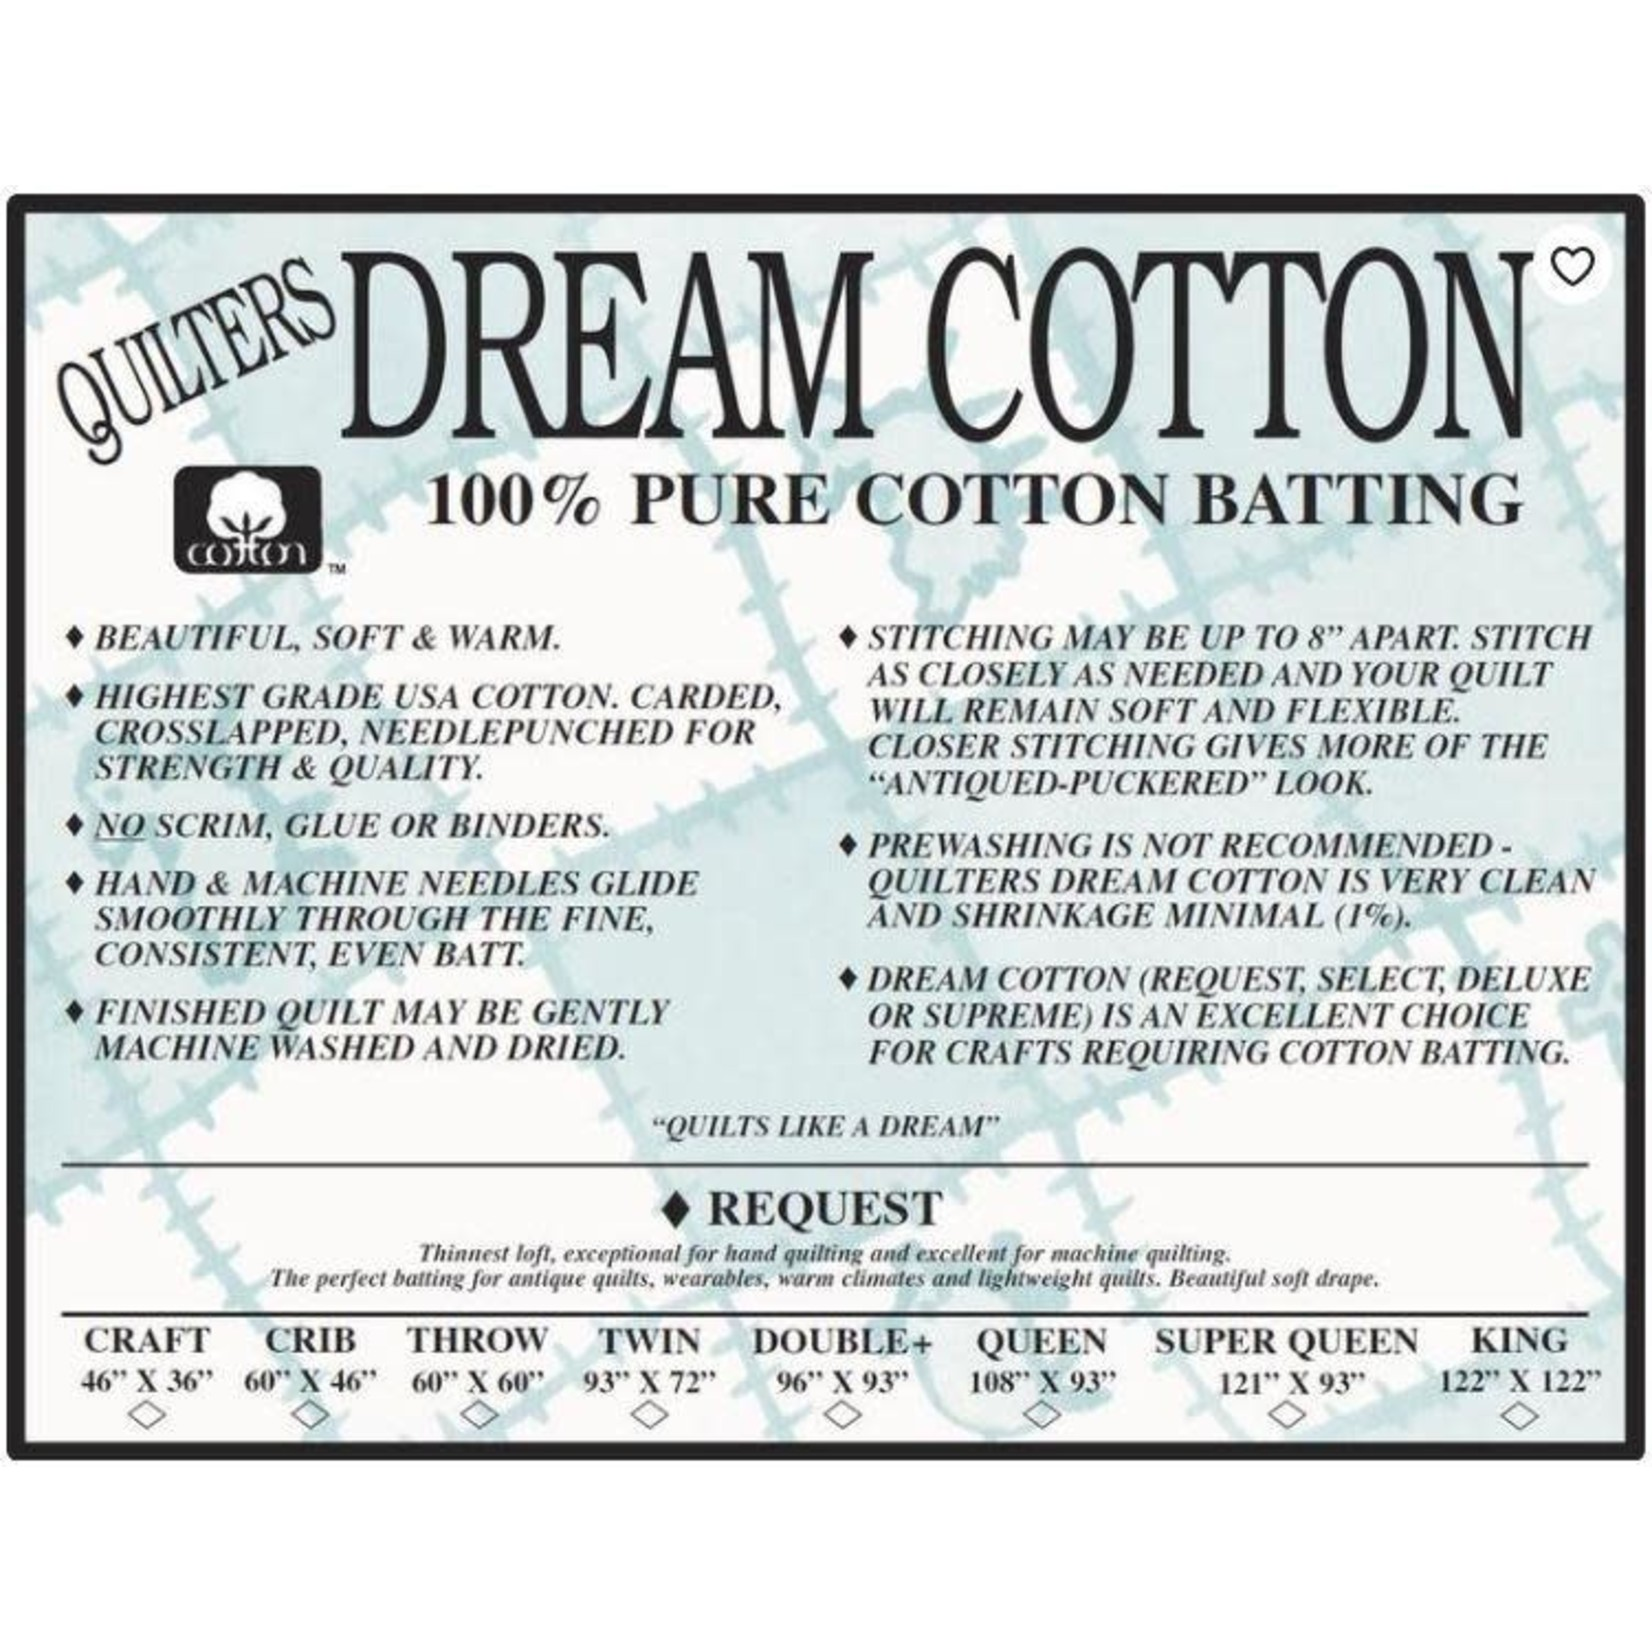 Dream Cotton DREAM COTTON REQUEST CRIB NATURAL BATTING